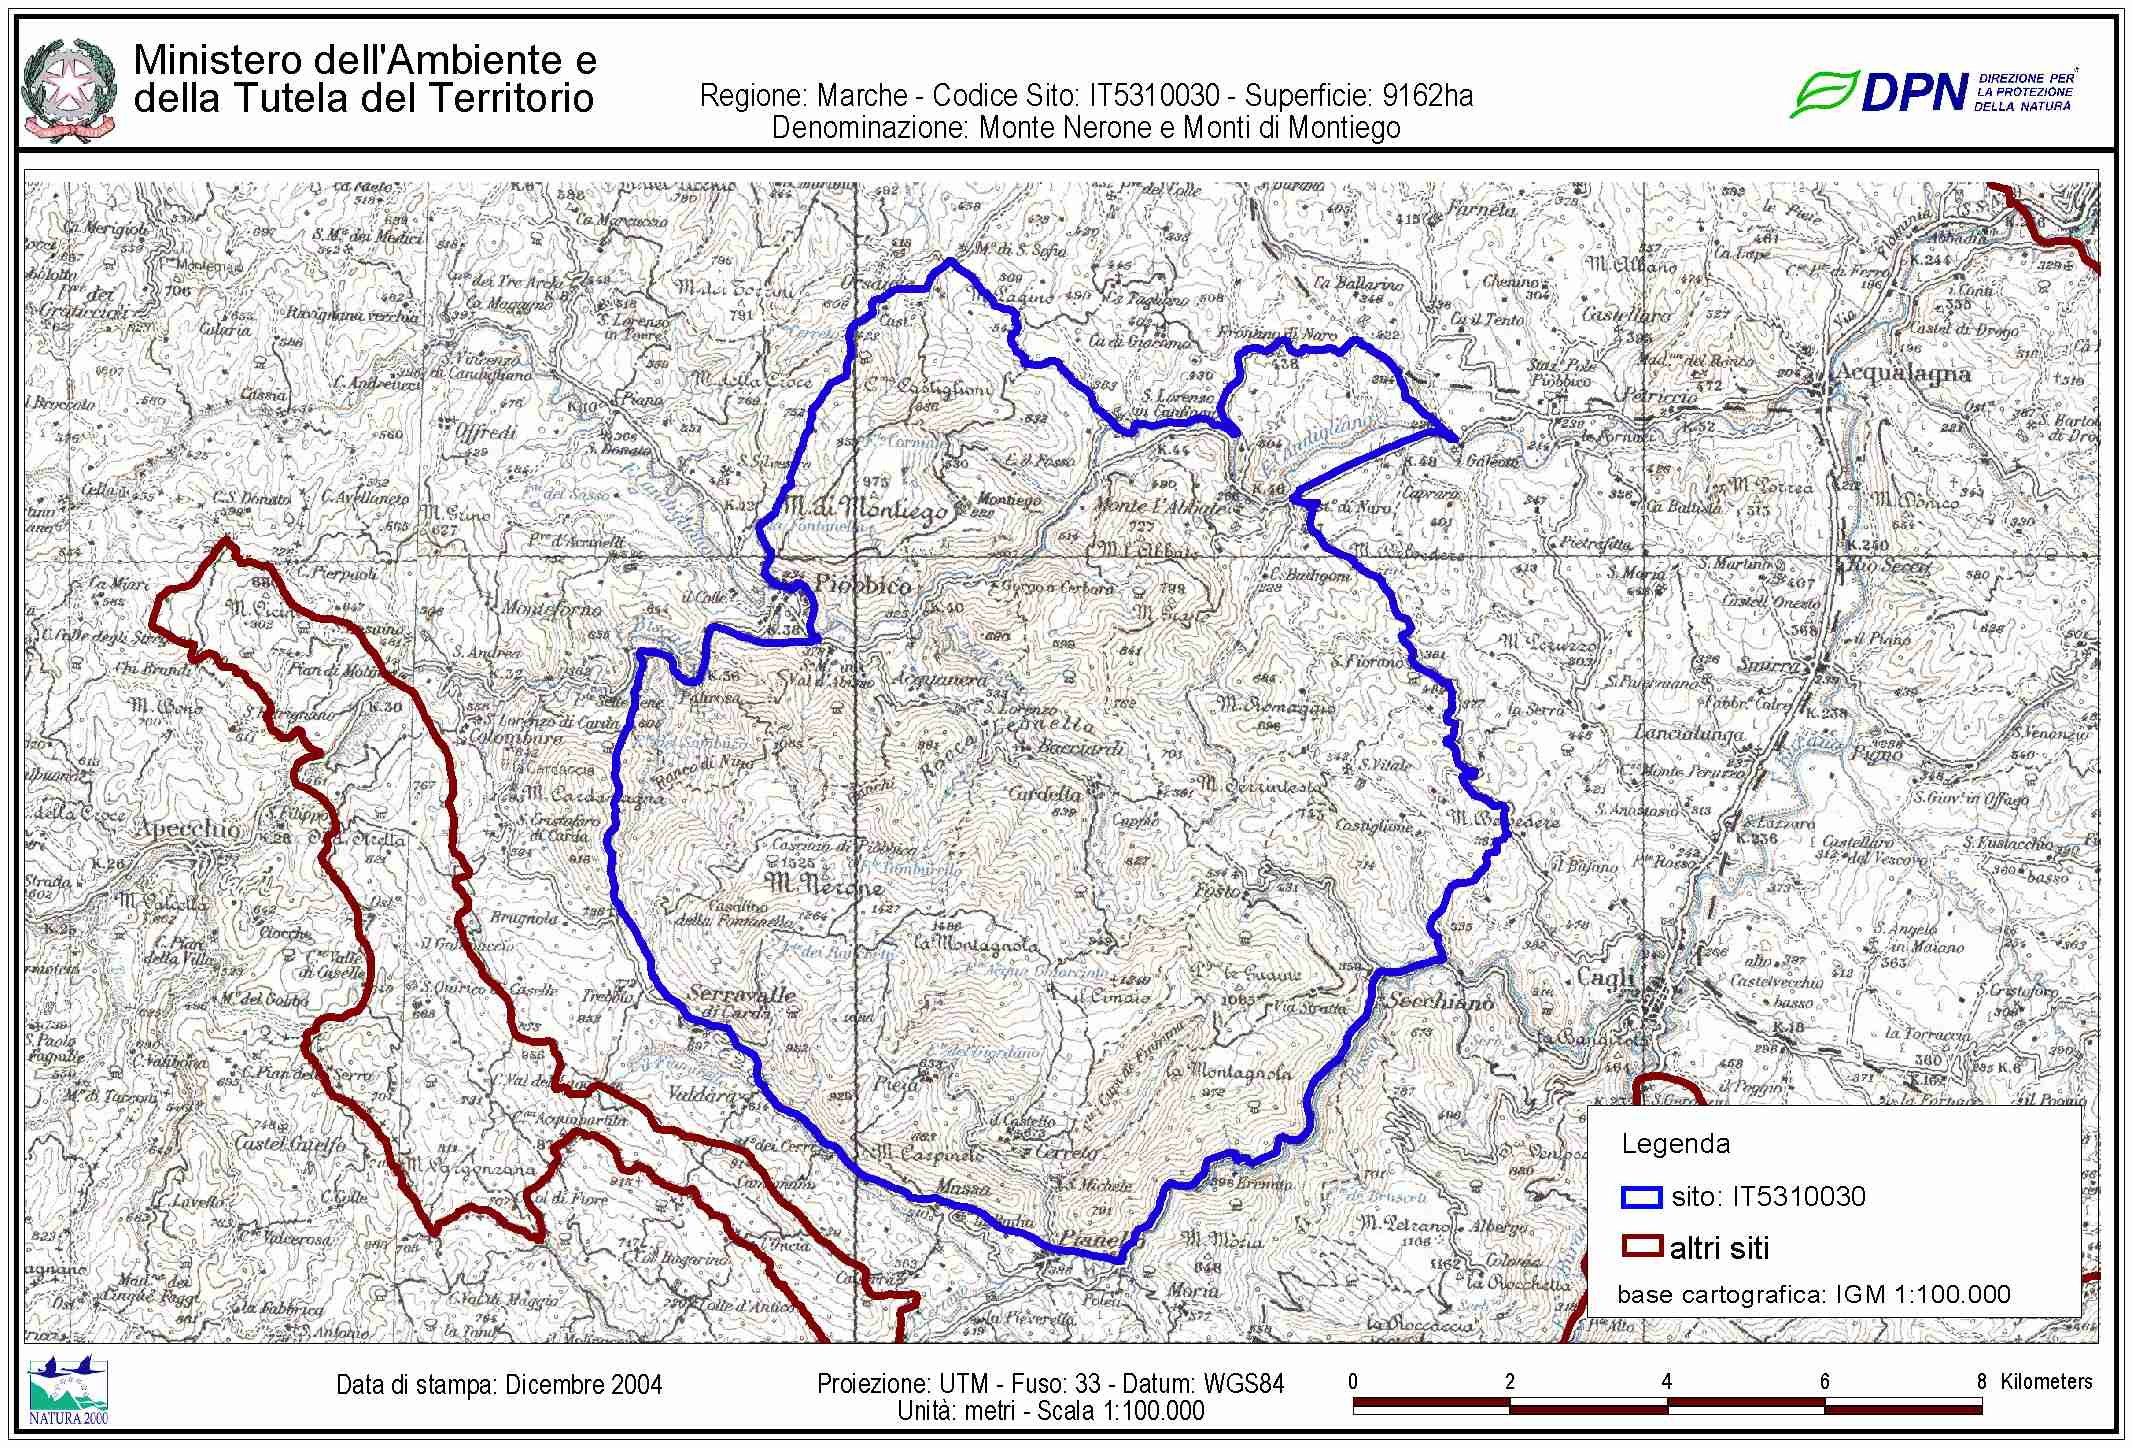 Litorale Marche Cartina.Forum Caccia E Pesca Mappe Zps Marche